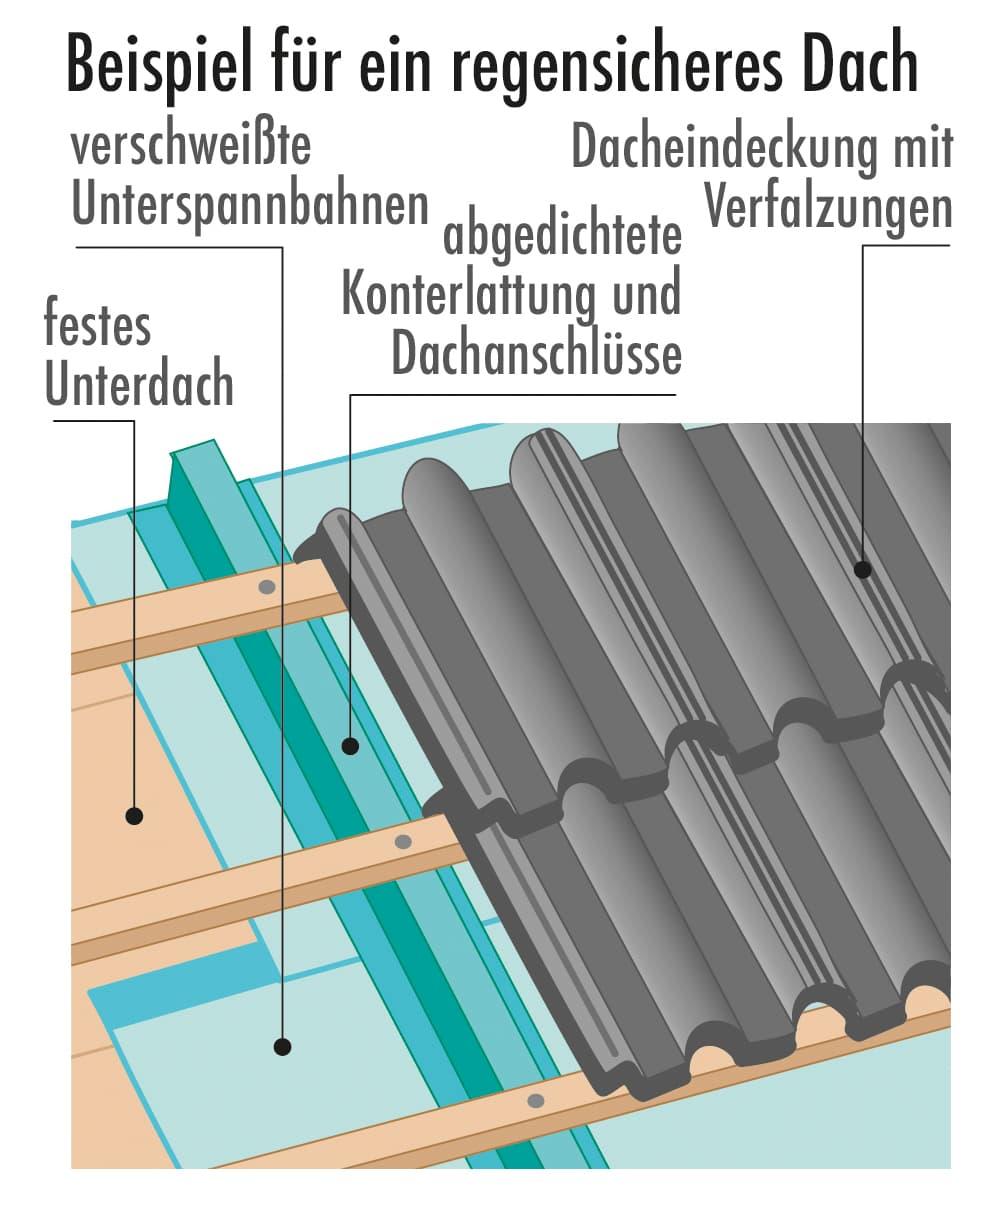 Beispiel für regensicheres Dach